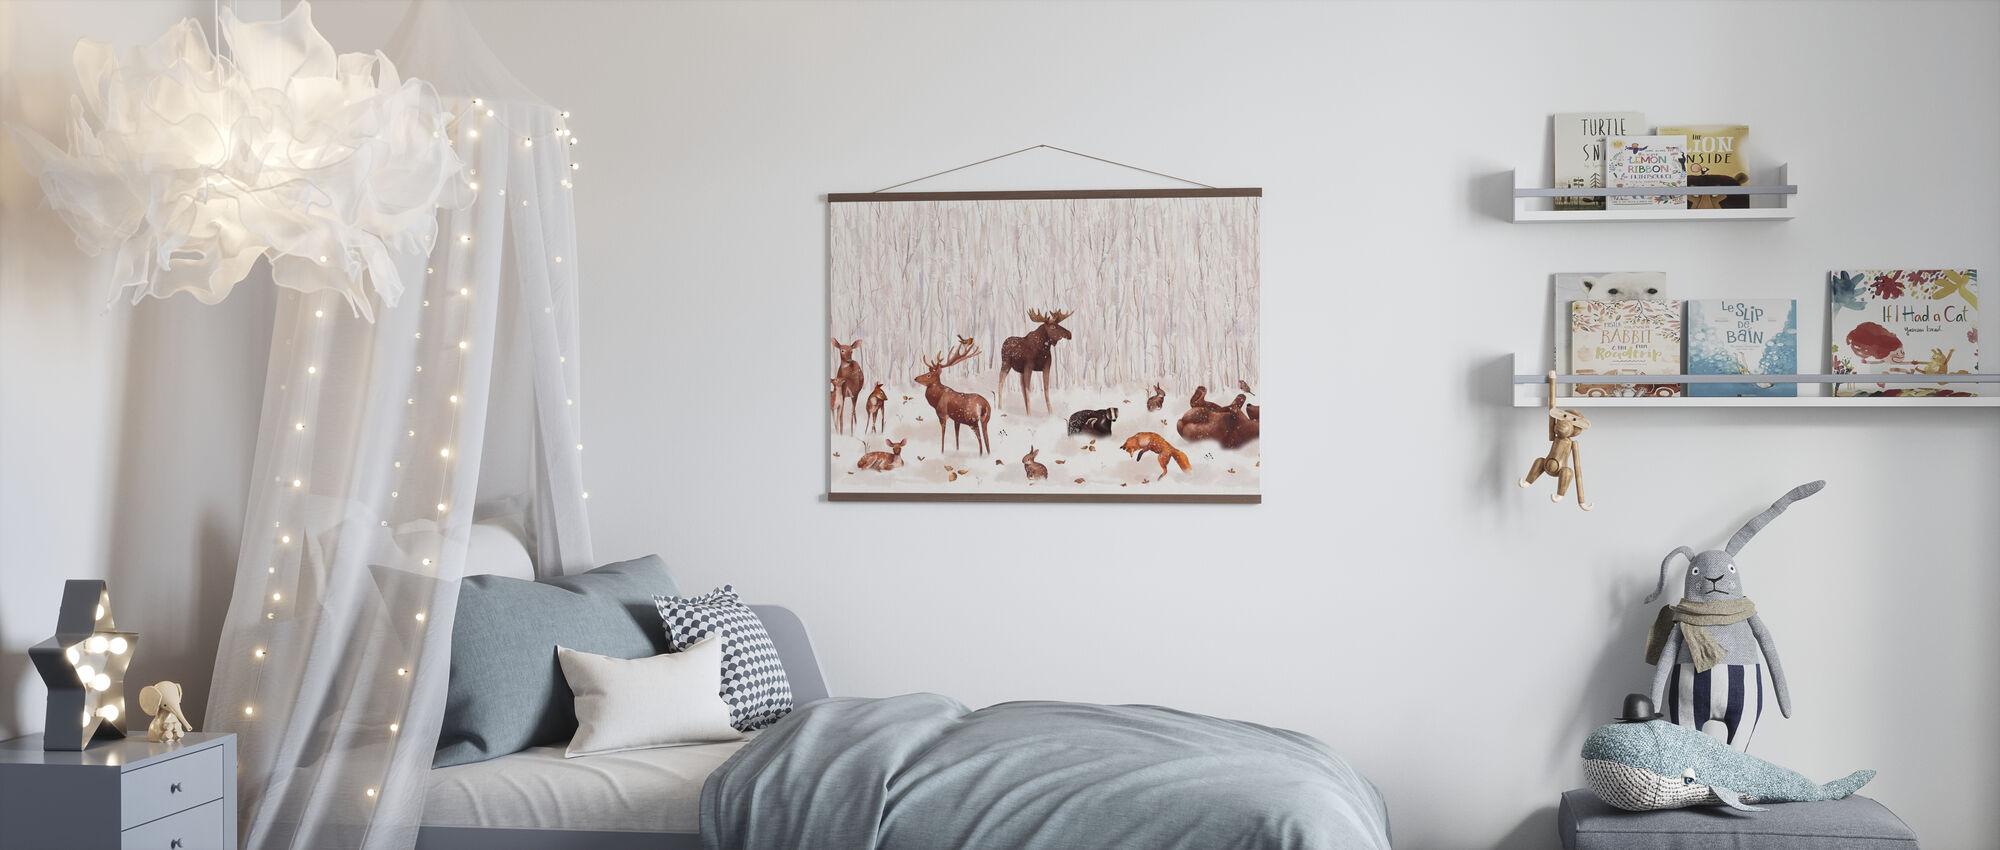 Vinterskogen Venner - Plakat - Barnerom